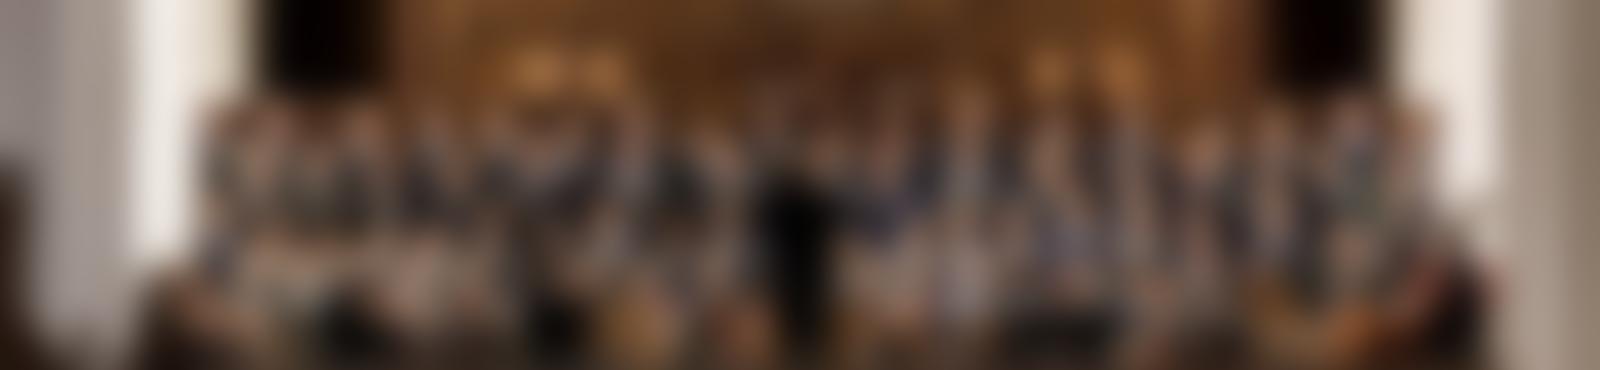 Blurred 1f639f8b 6c8c 4867 9884 1d39393b8df6